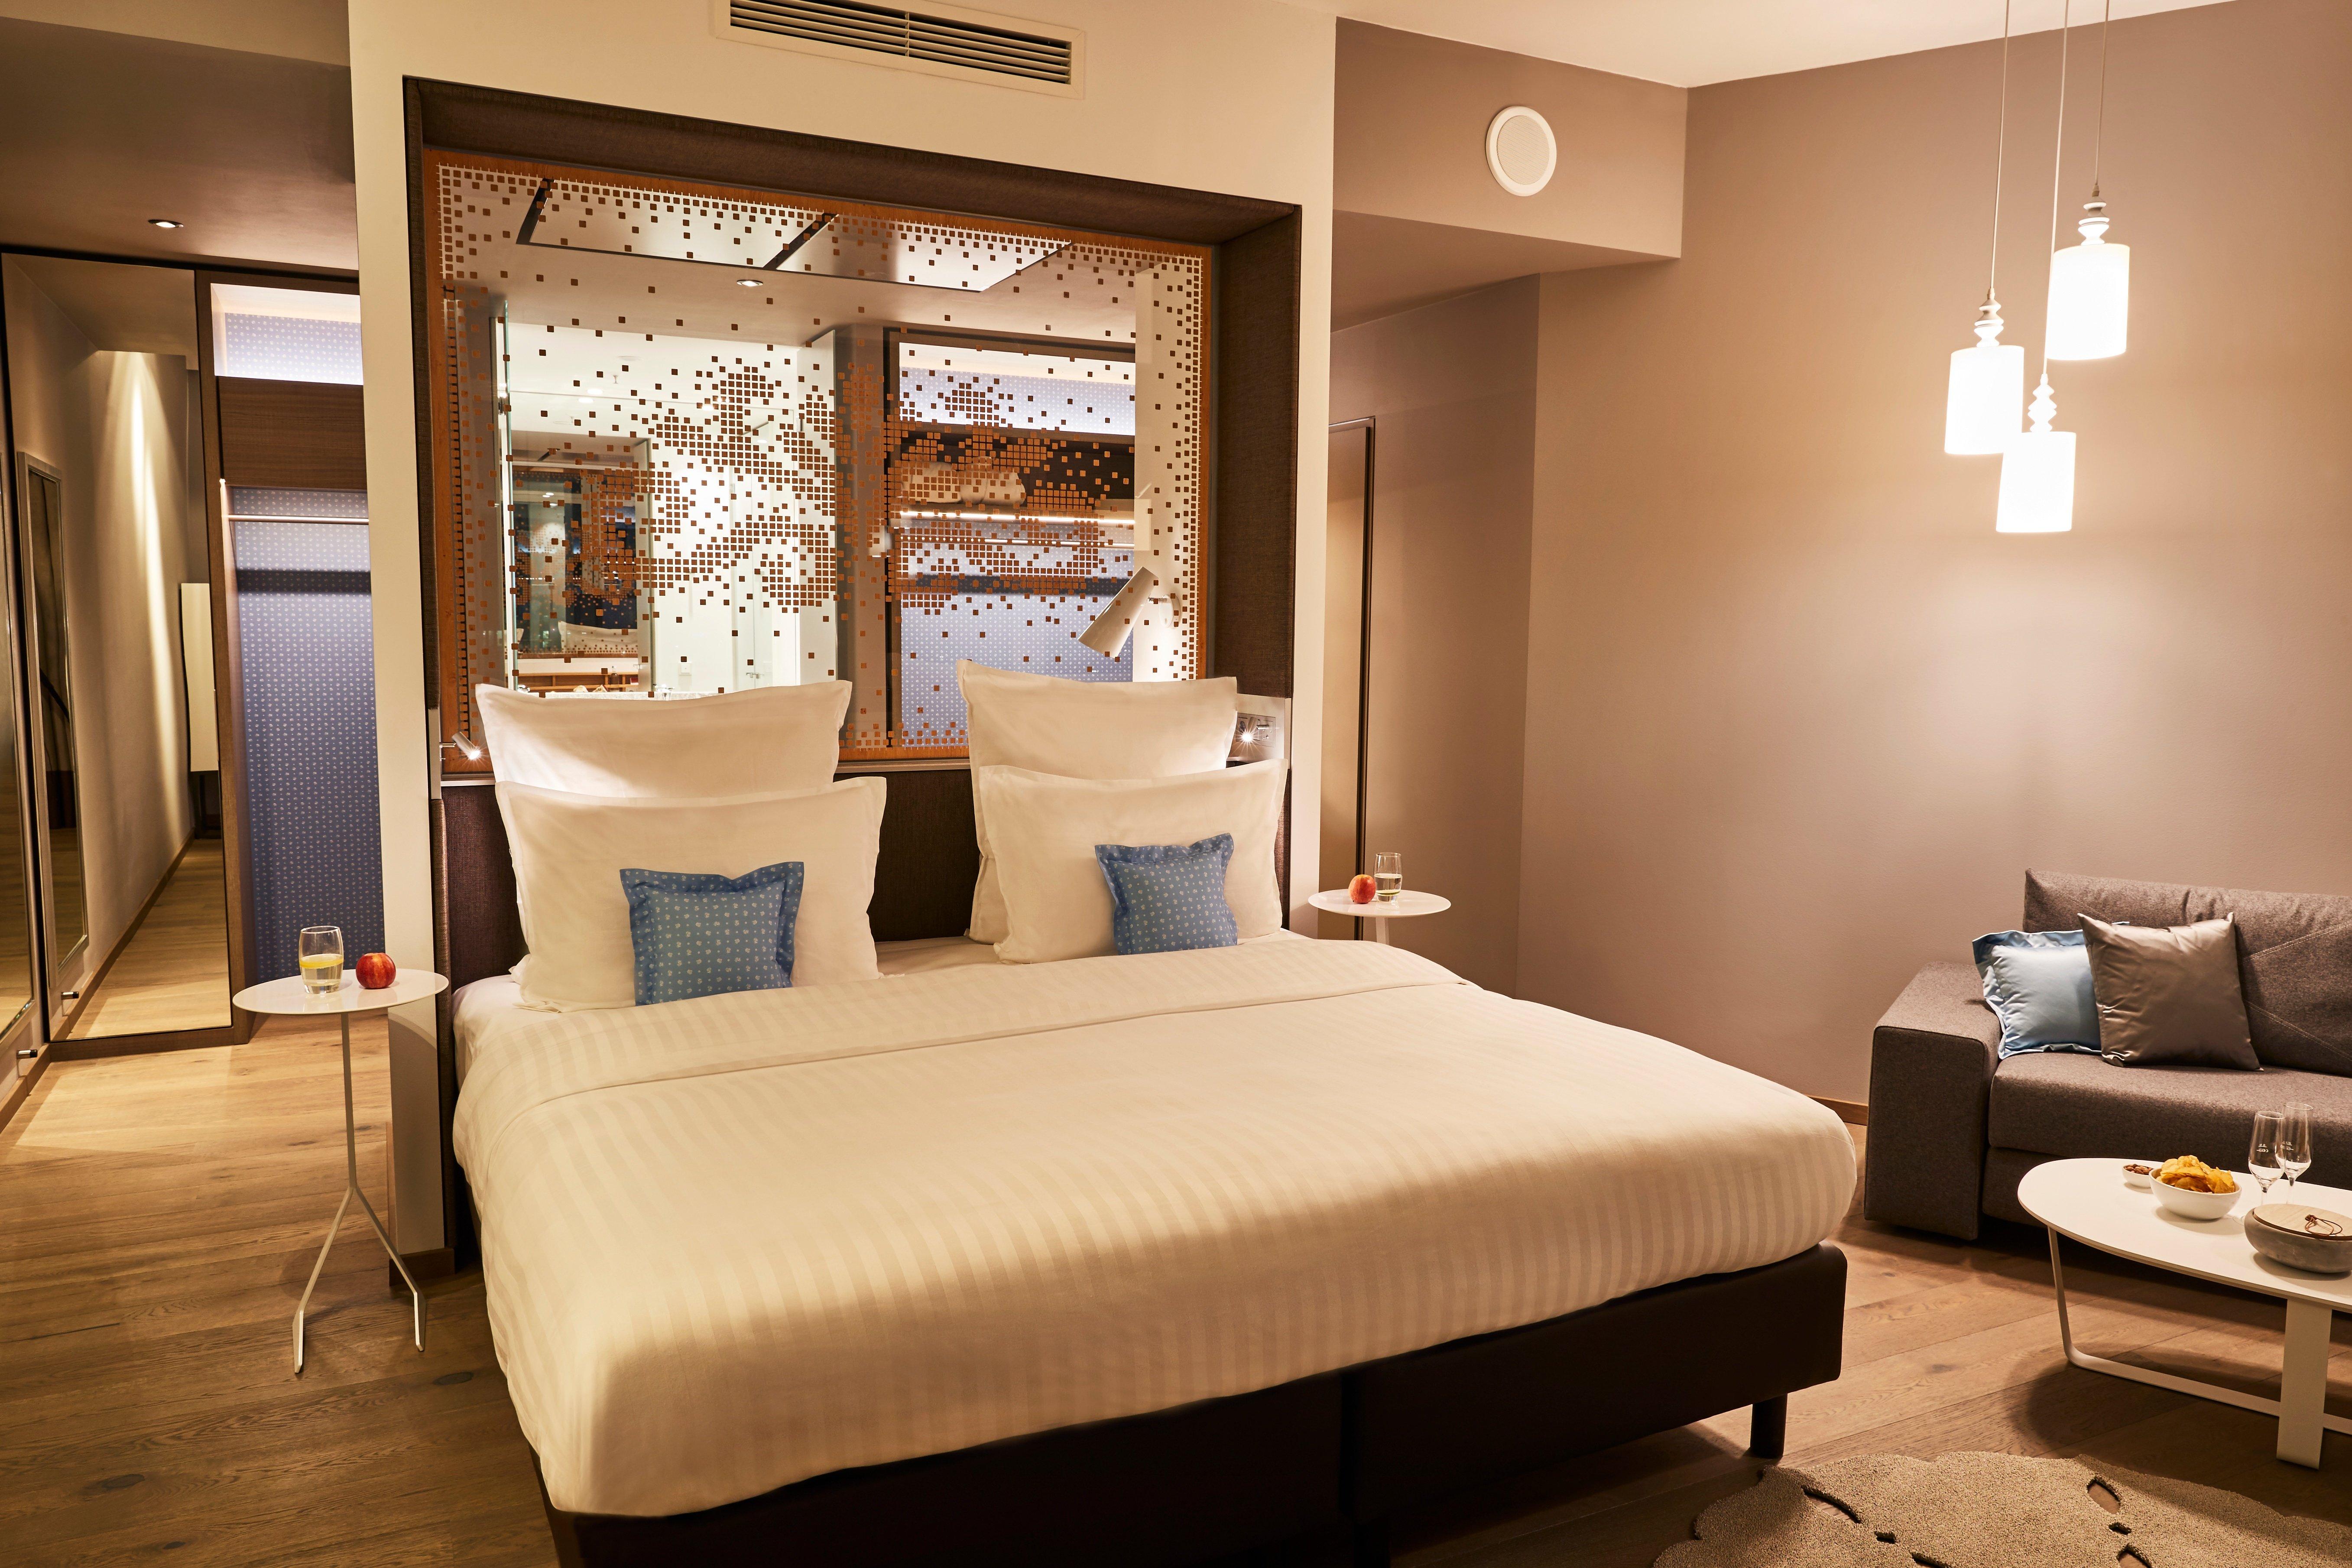 Steigenberger_Hotel_Munich_Junior_Suite_Night